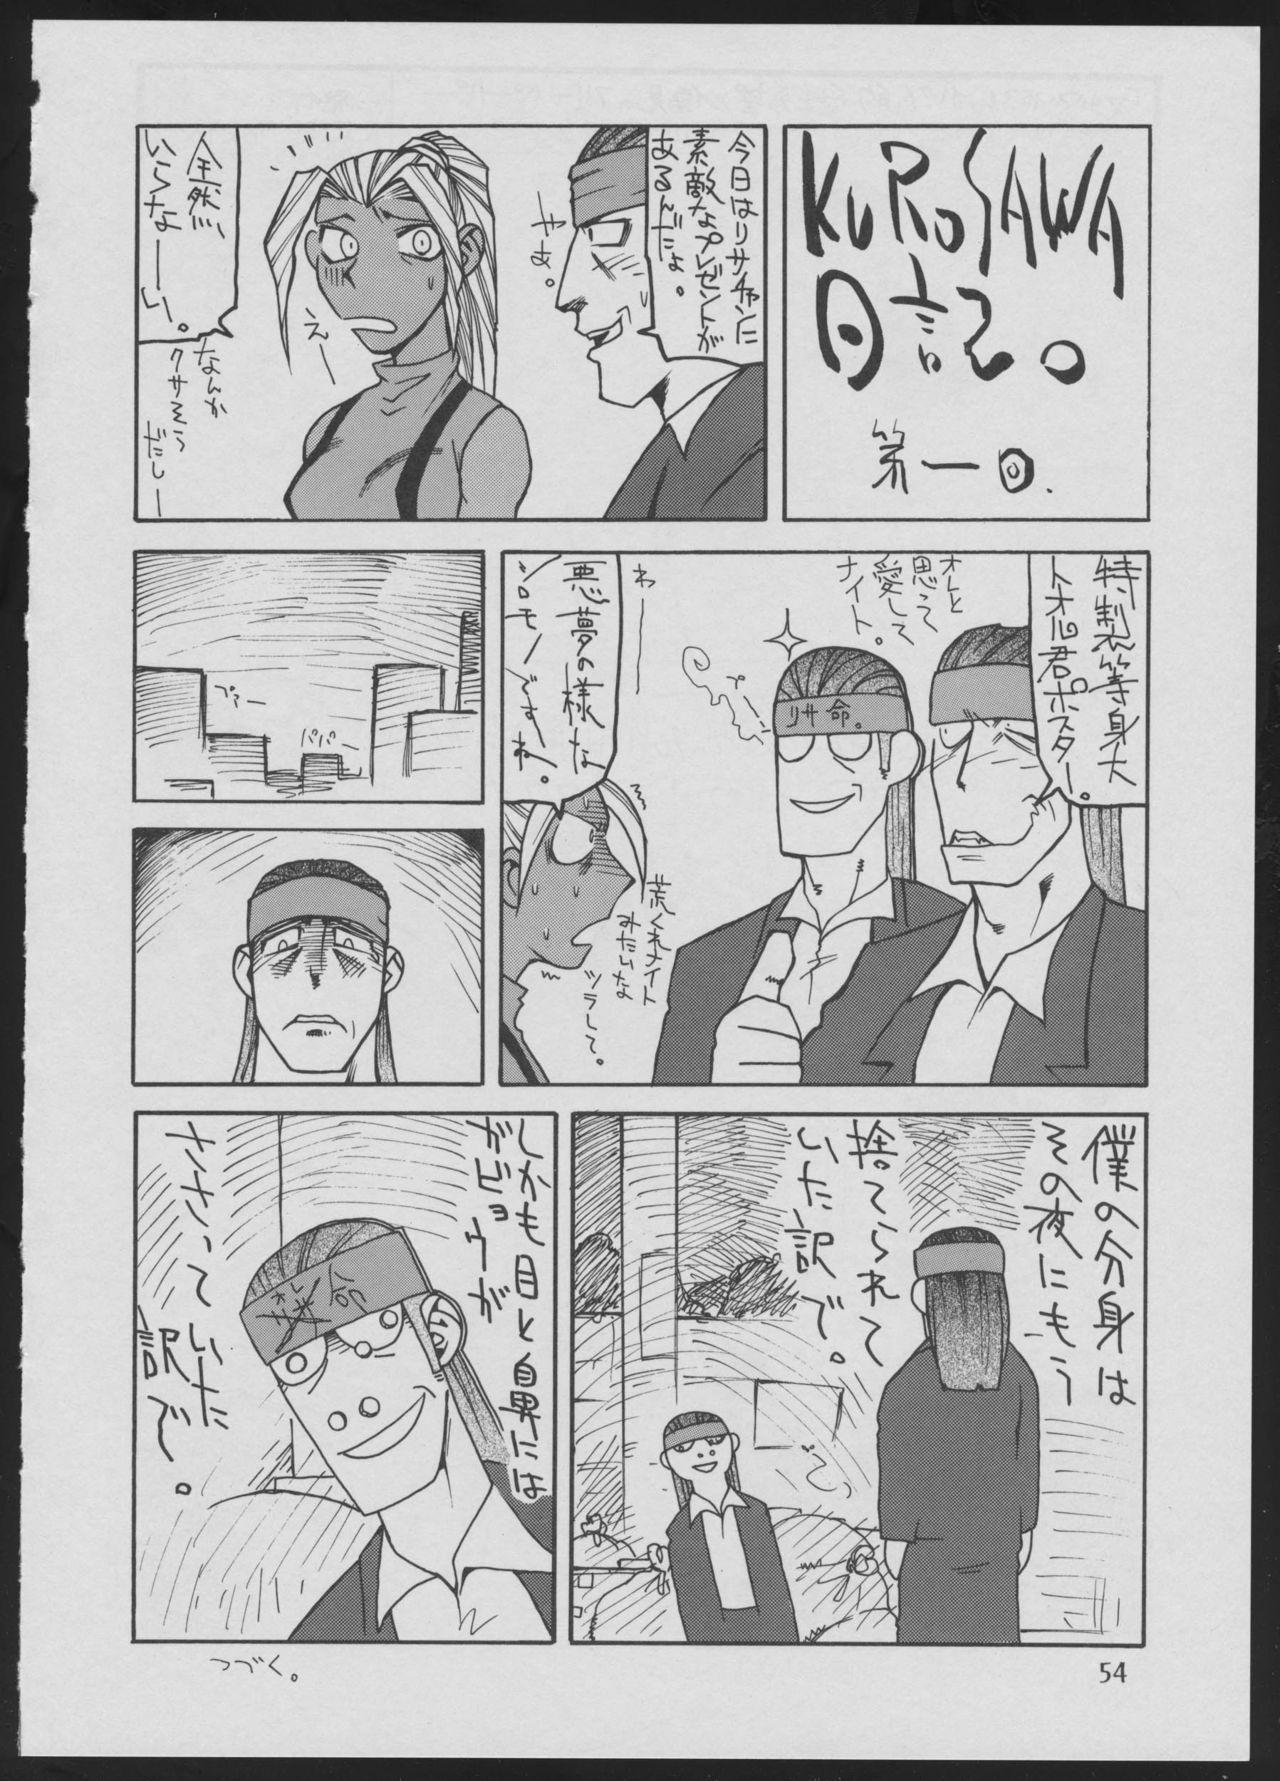 '96 Natsu no Game 18-kin Special 53